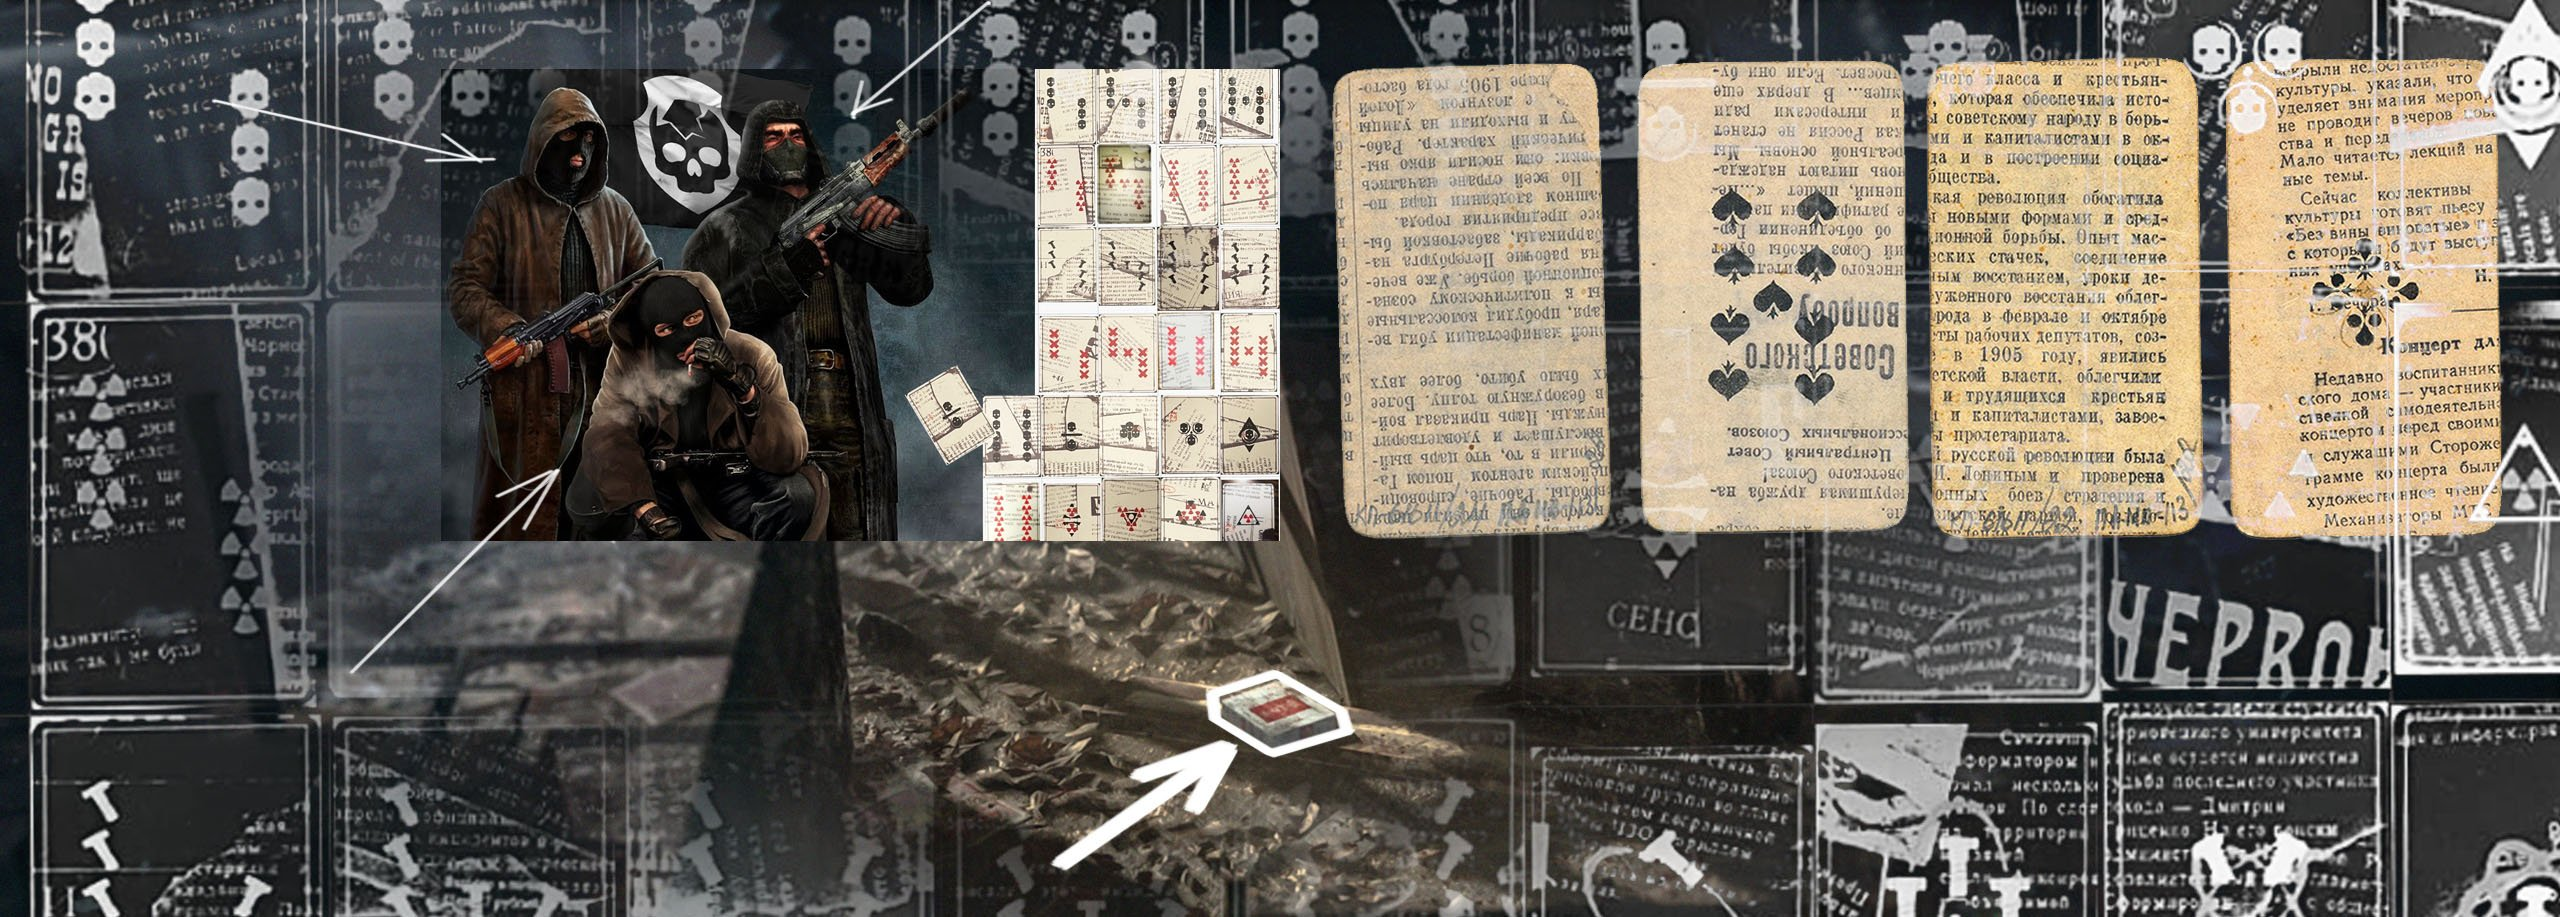 Карты-картишки. Прототип карт с шифром.